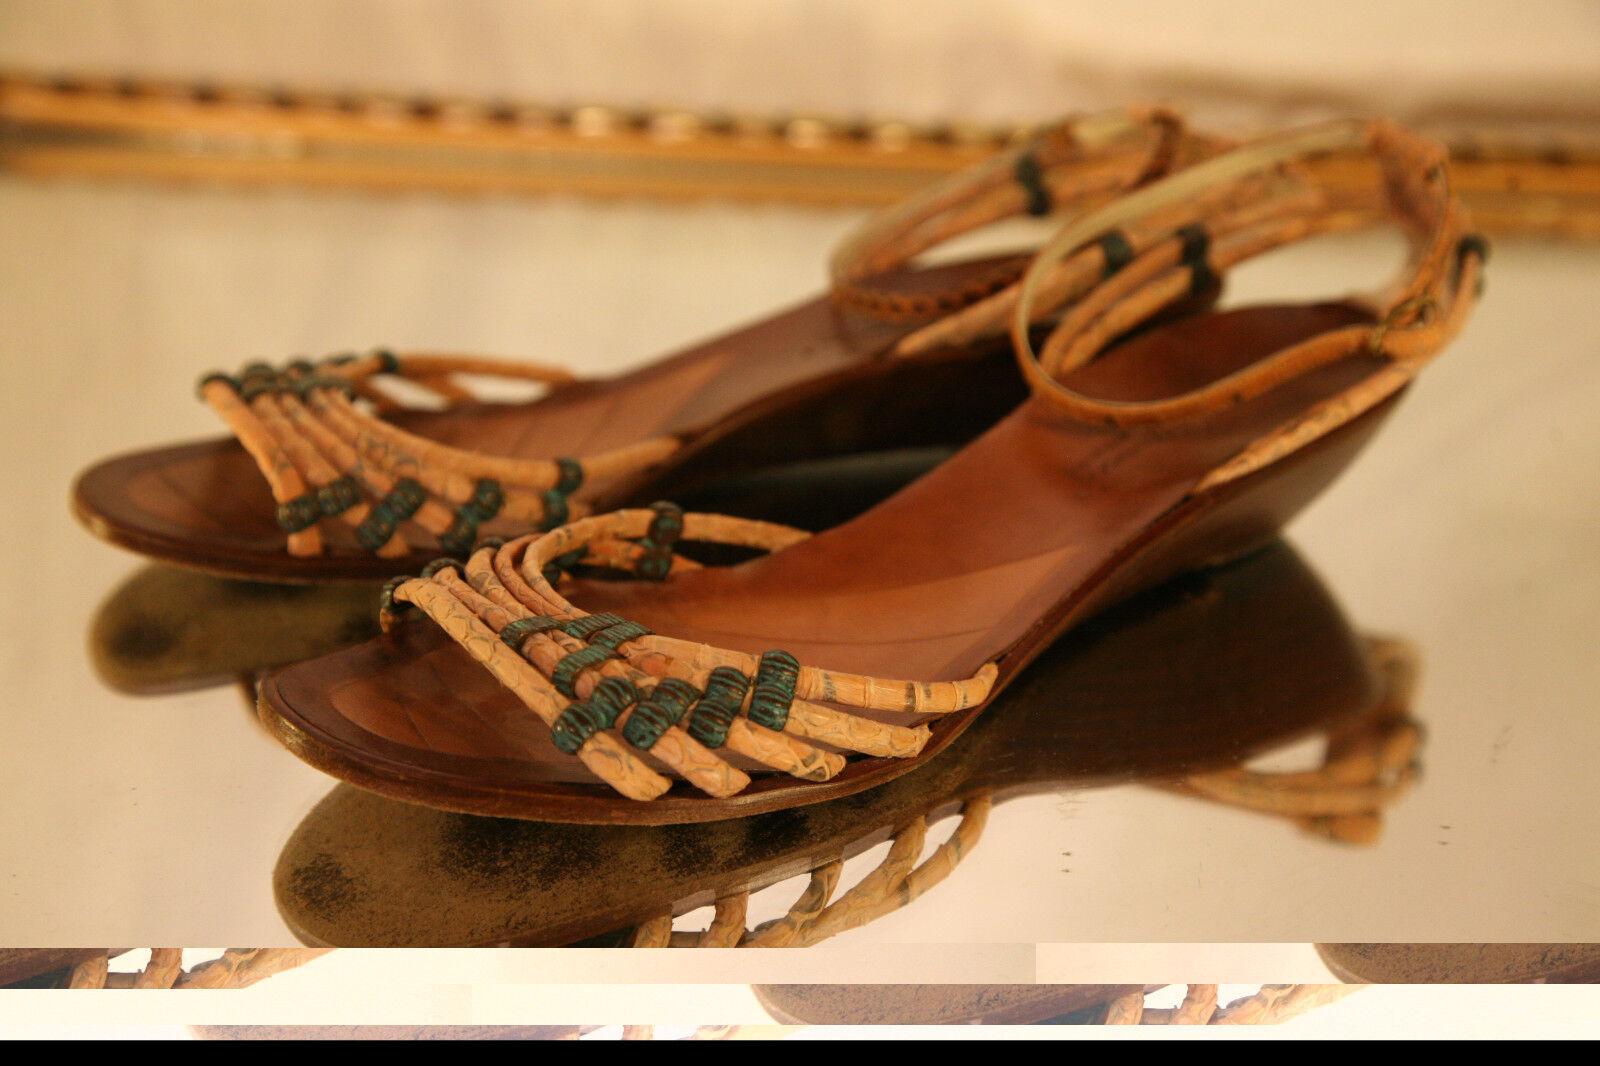 Sesto Sesto Sesto Meucci Open Toe Strappy Sandle Größe 8 1 2 M US 13c537